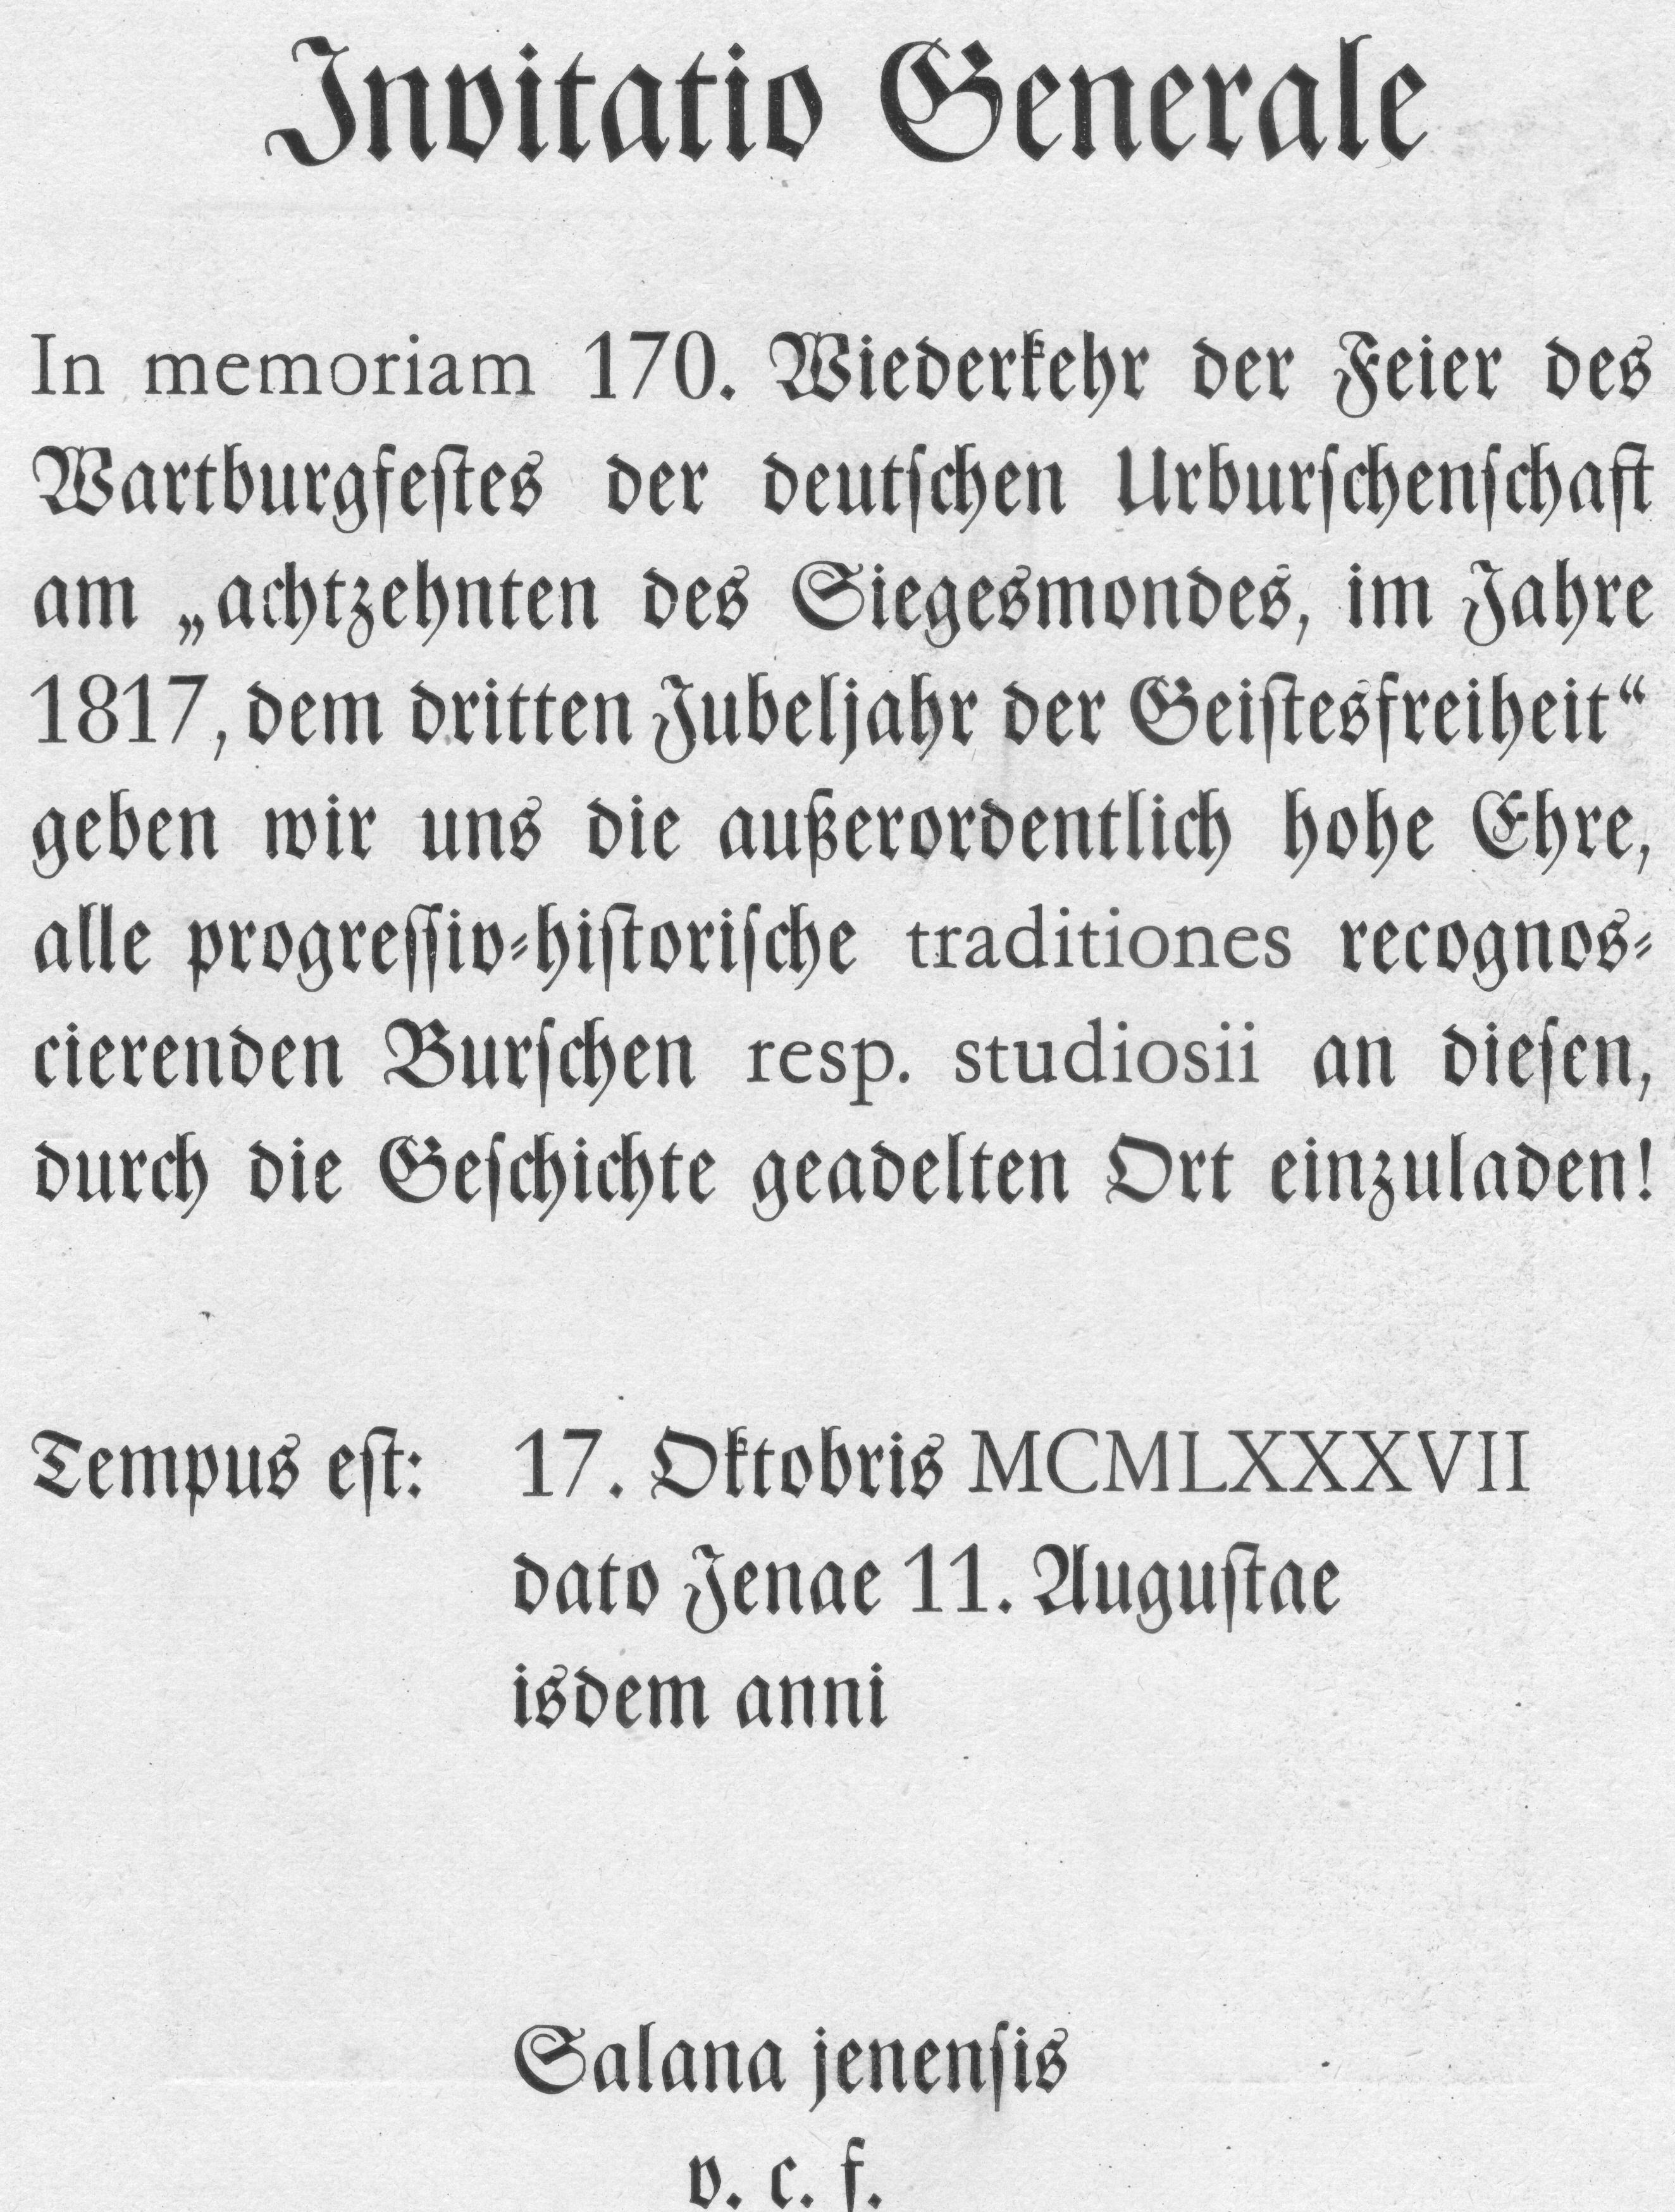 file:einladung wartburgfest - wikimedia commons, Einladungen